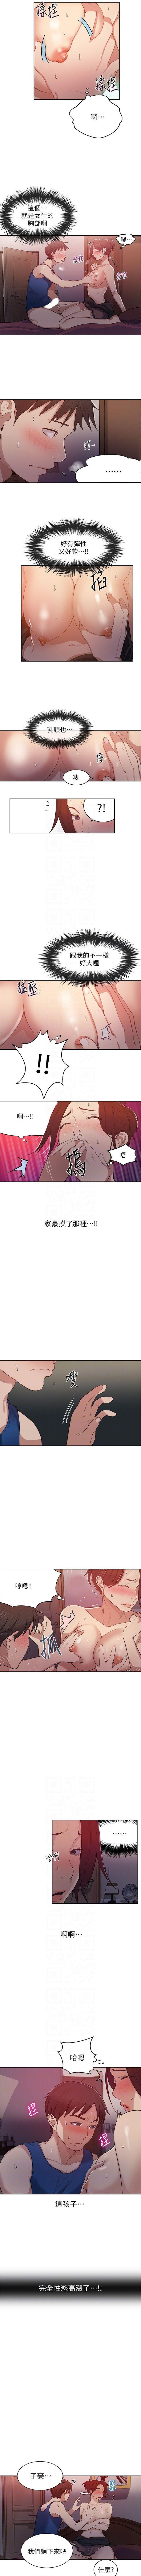 (週6)秘密教學  1-35 中文翻譯 (更新中) 38